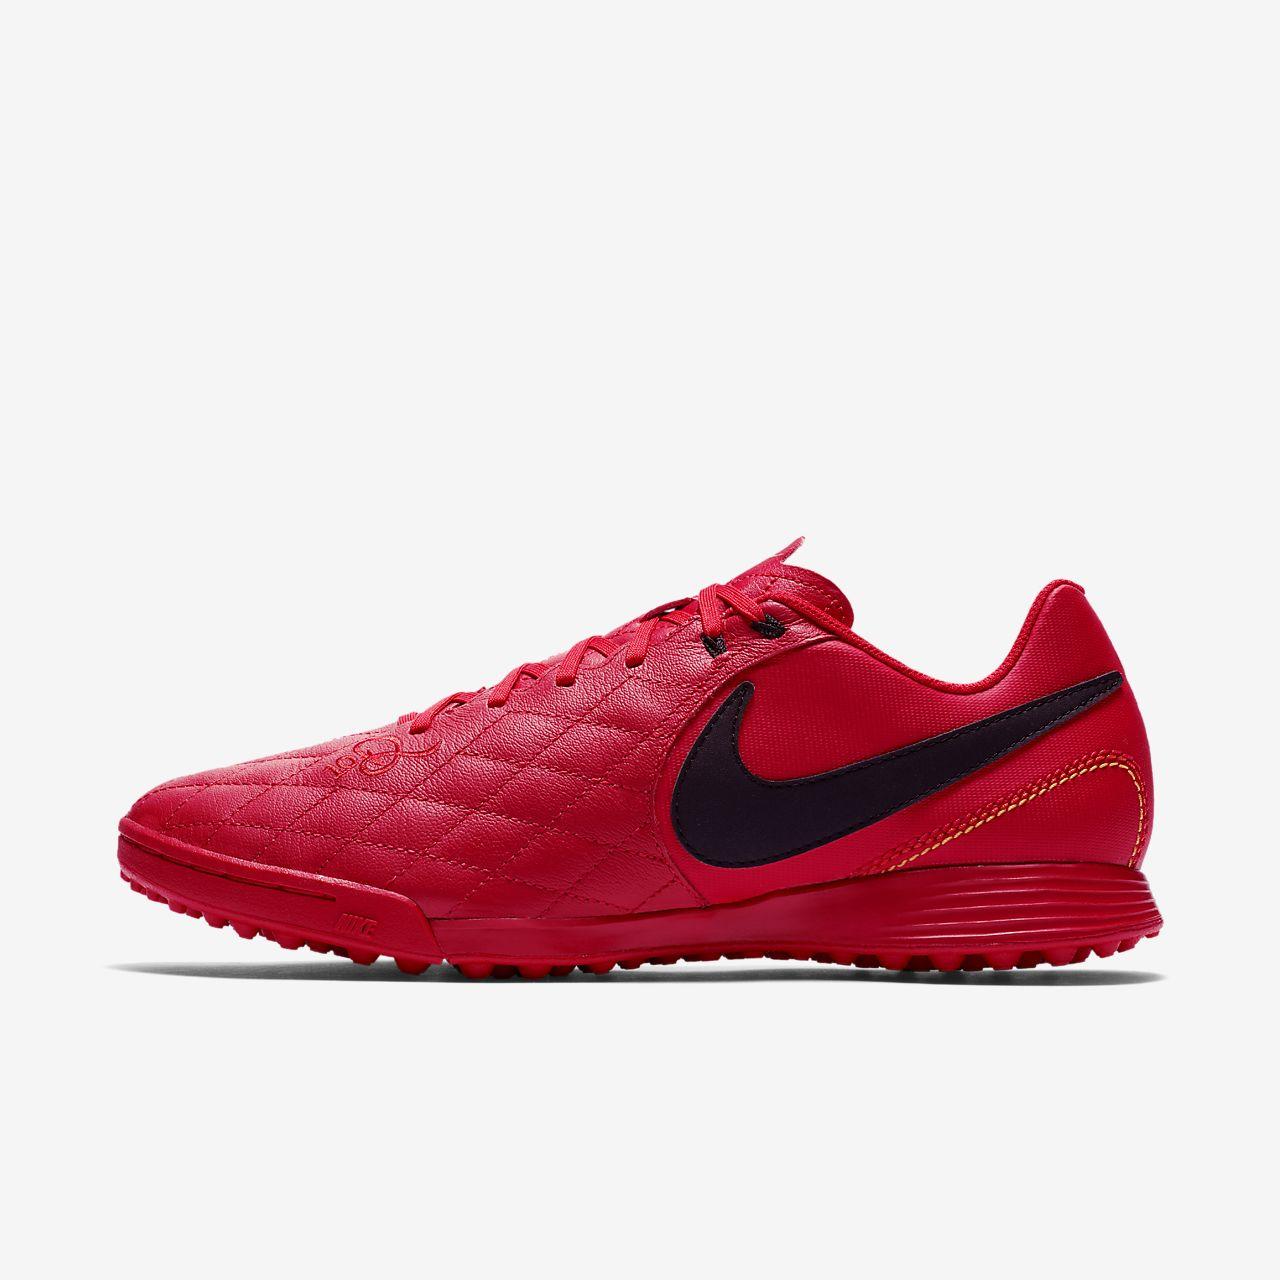 Nike TiempoX Ligera IV Artificial-Turf Men's Football Shoes Red/Black/White cS1792E